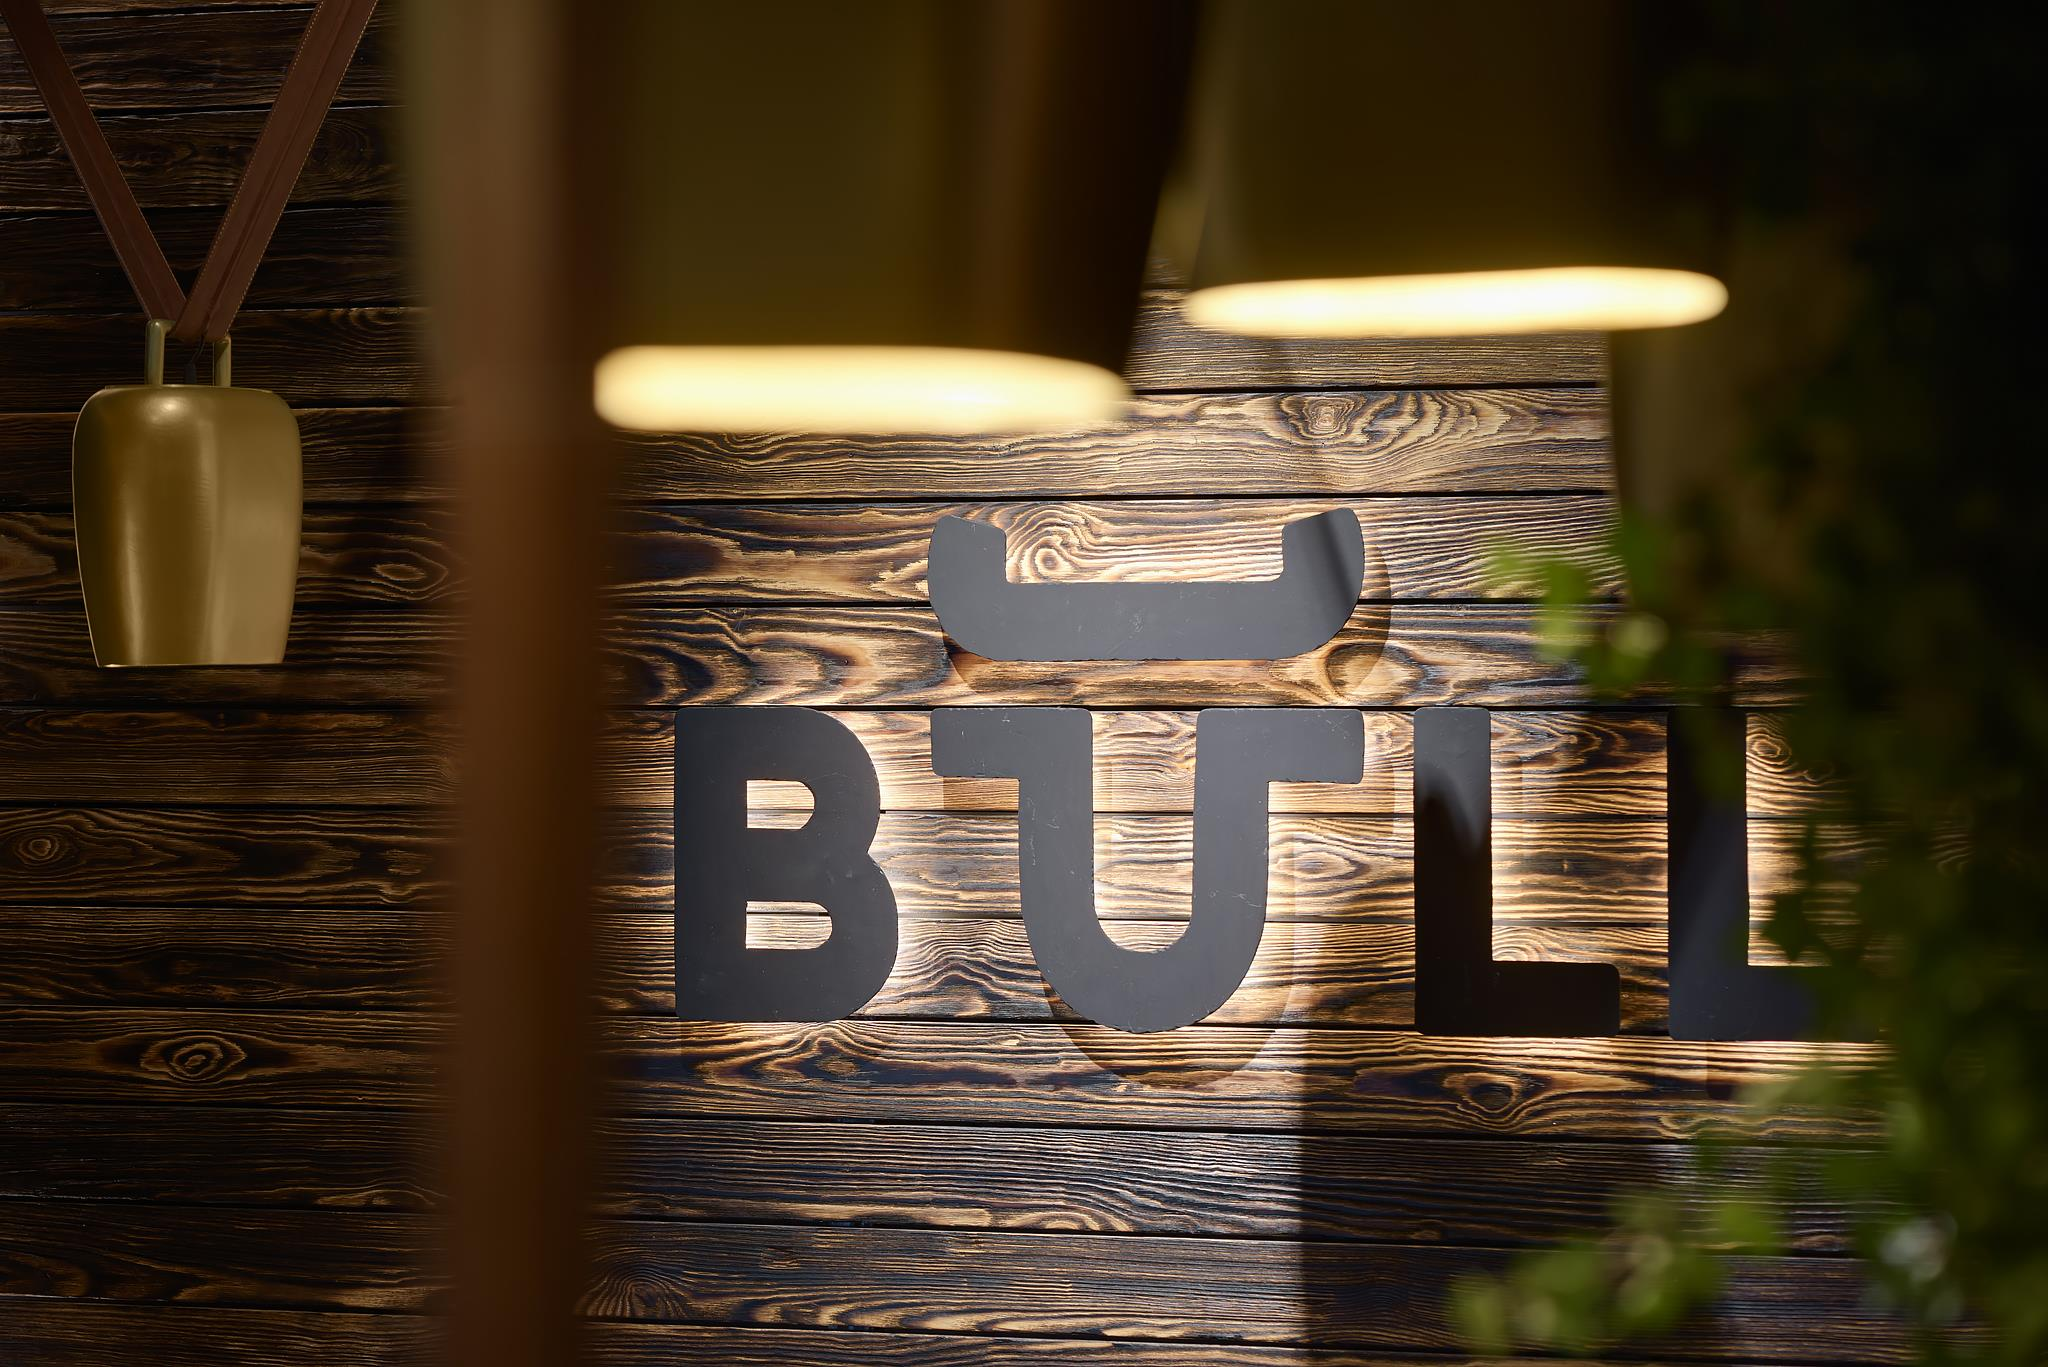 BULL_036